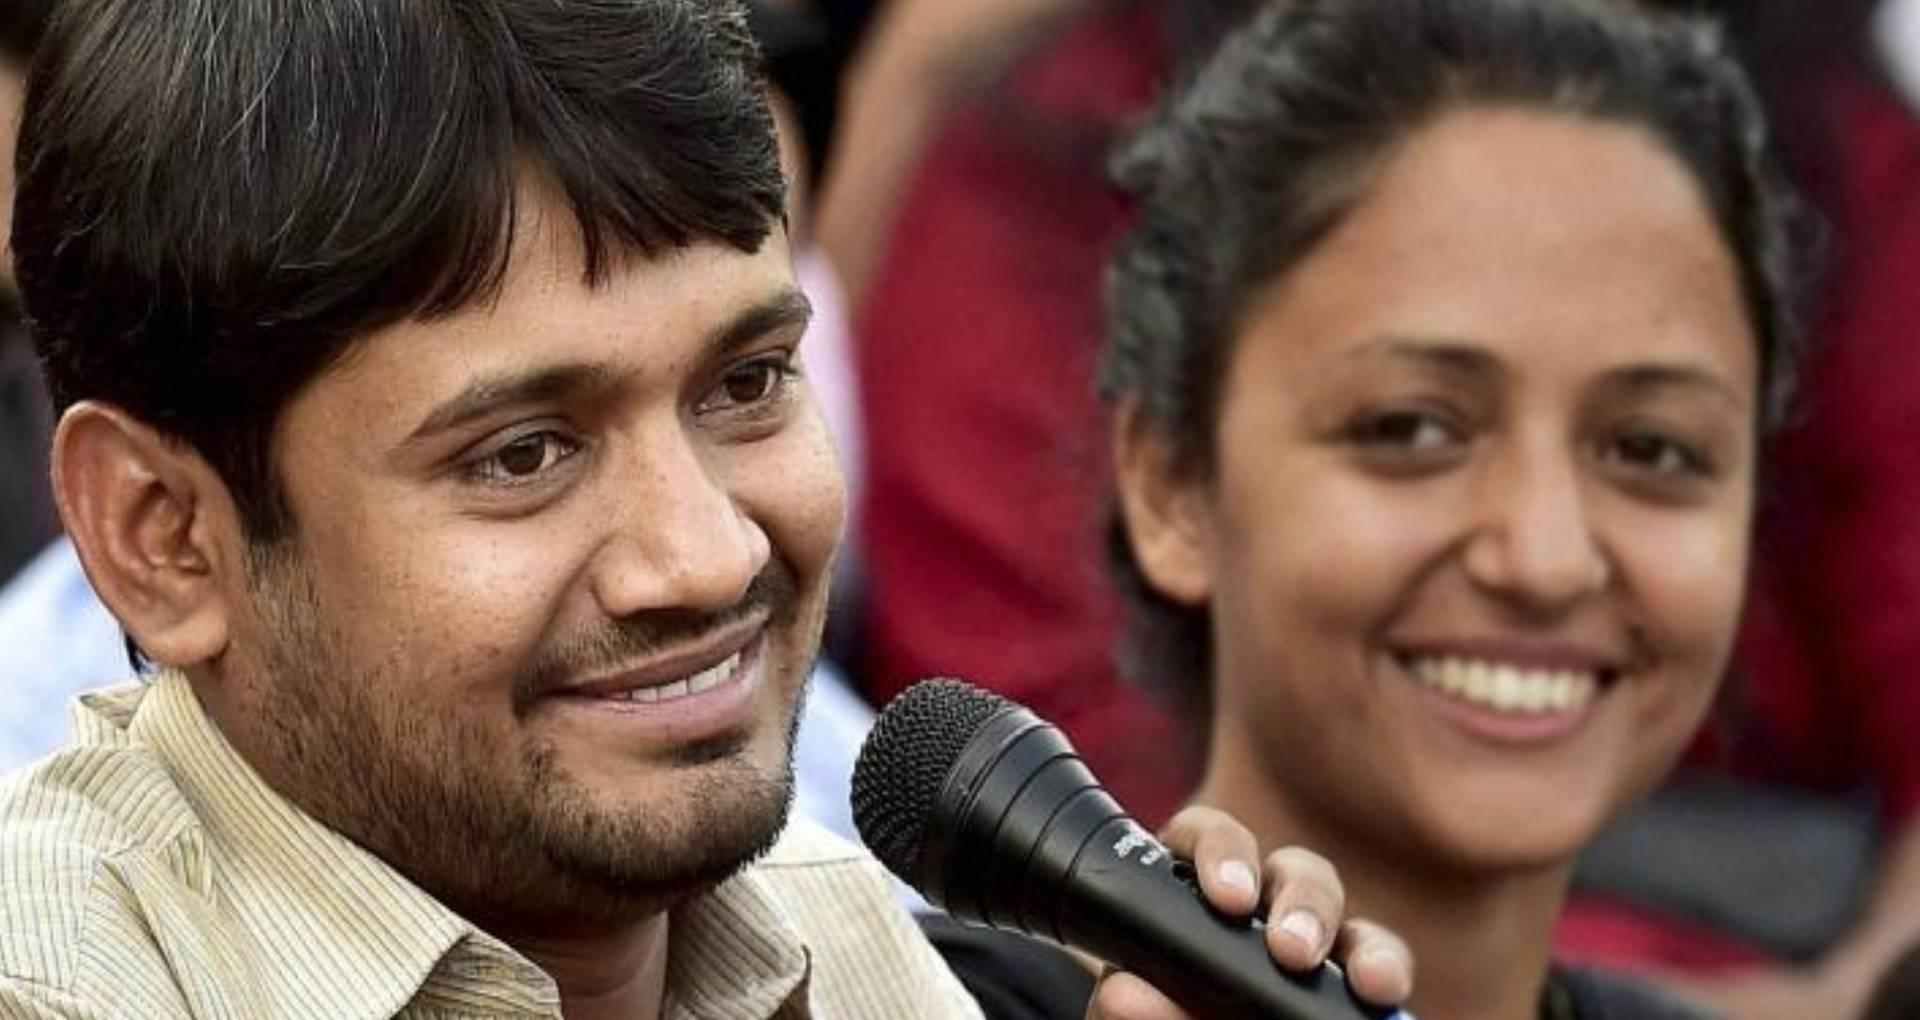 लोकसभा चुनाव की तैयारी में जुटे कन्हैया कुमार को लगा झटका, दिल्ली पुलिस ने दायर की 12 हजार पन्नों की चार्जशीट